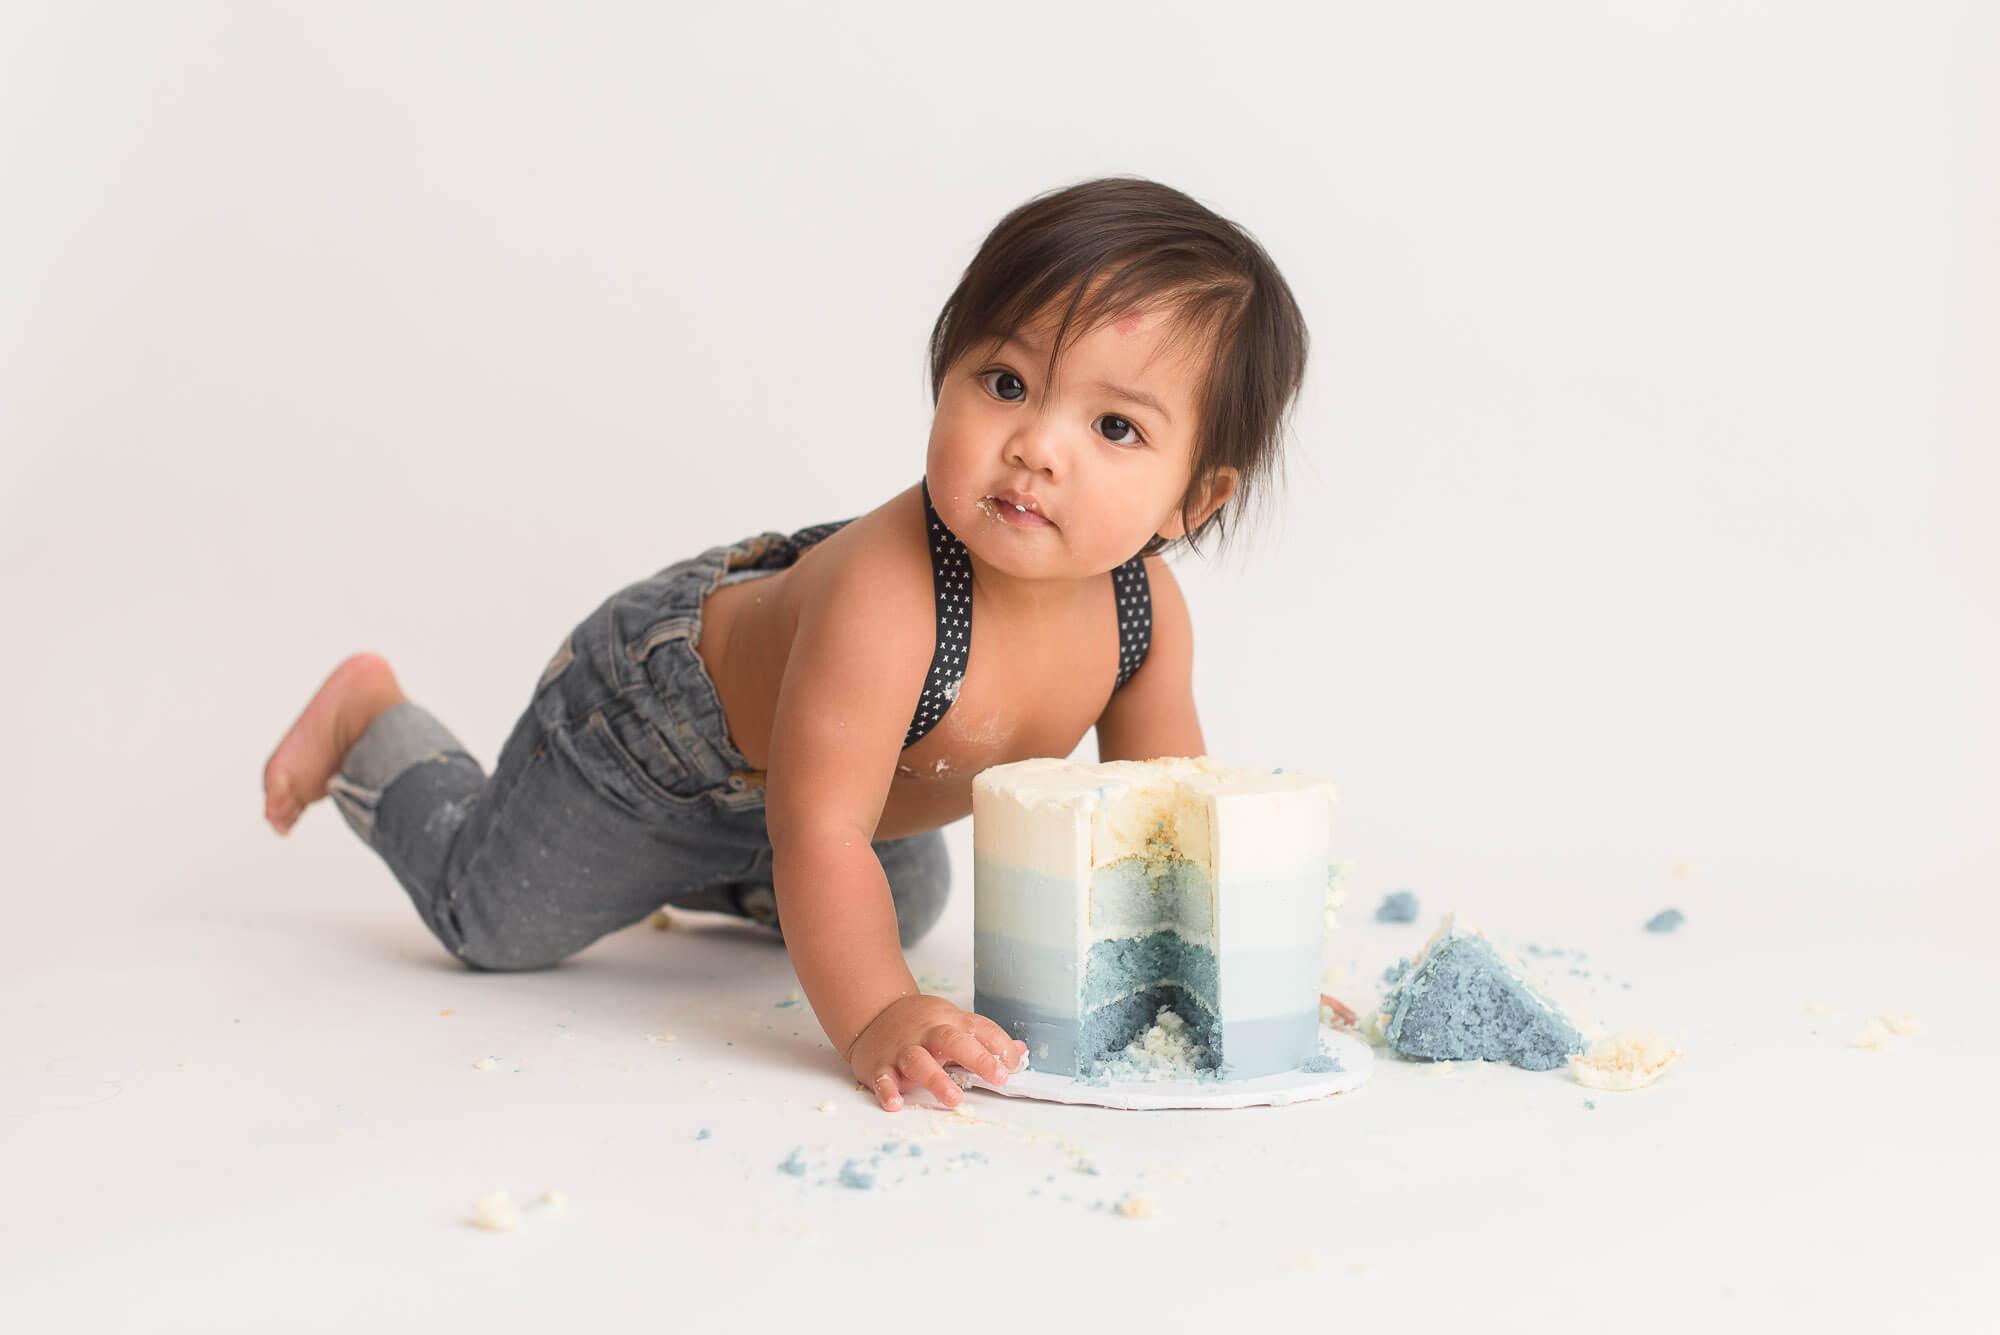 boy crawls towards cake smash cake on simple white background